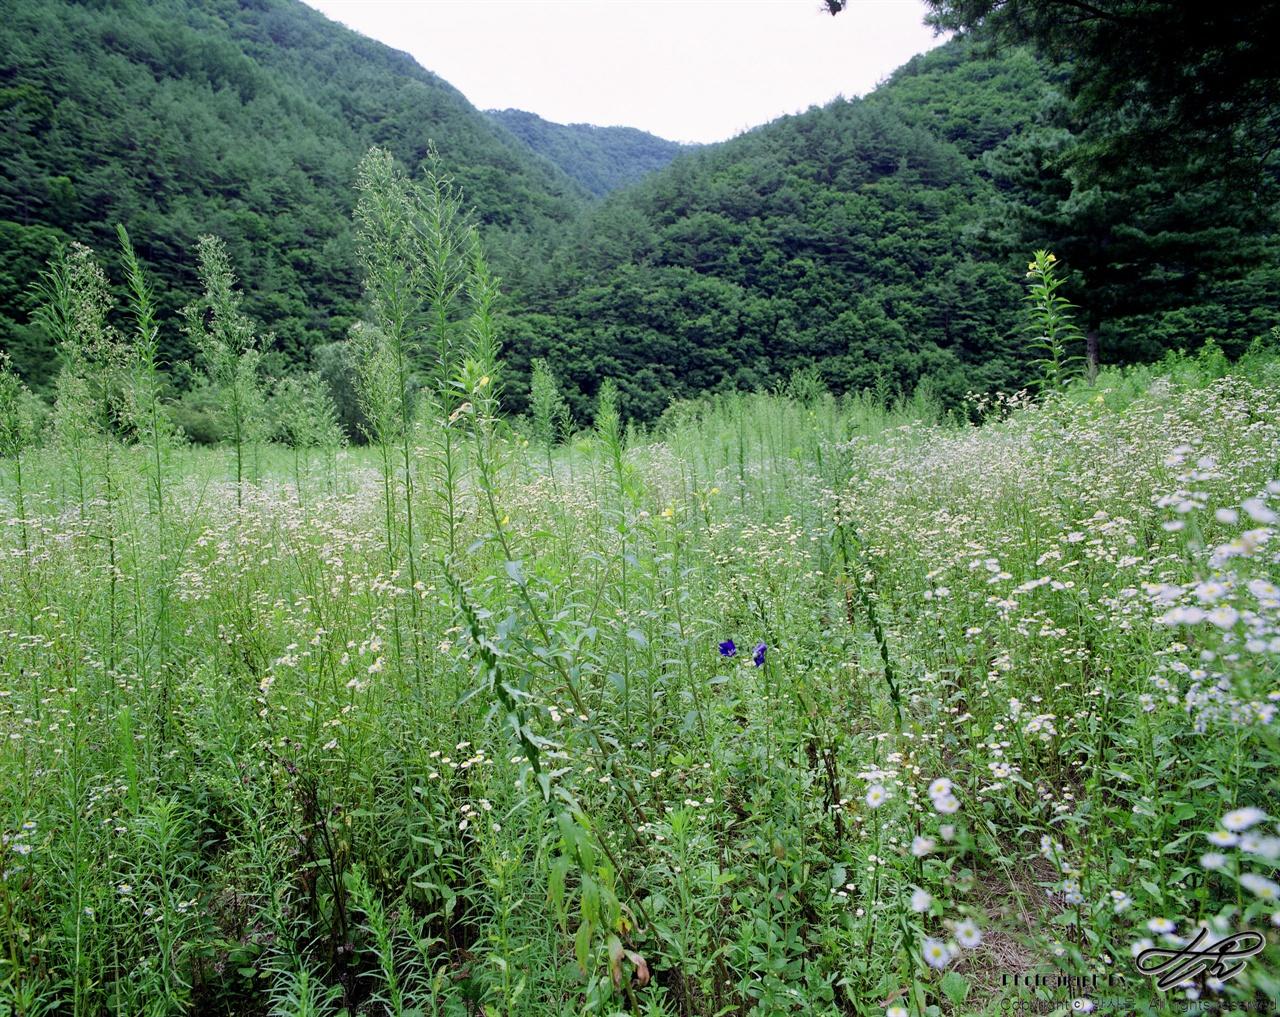 도라지꽃 (67ii/Pro160)과거에 누군가가 밭을 일구었음직한 공터에 남색 도라지꽃이 피어있다.